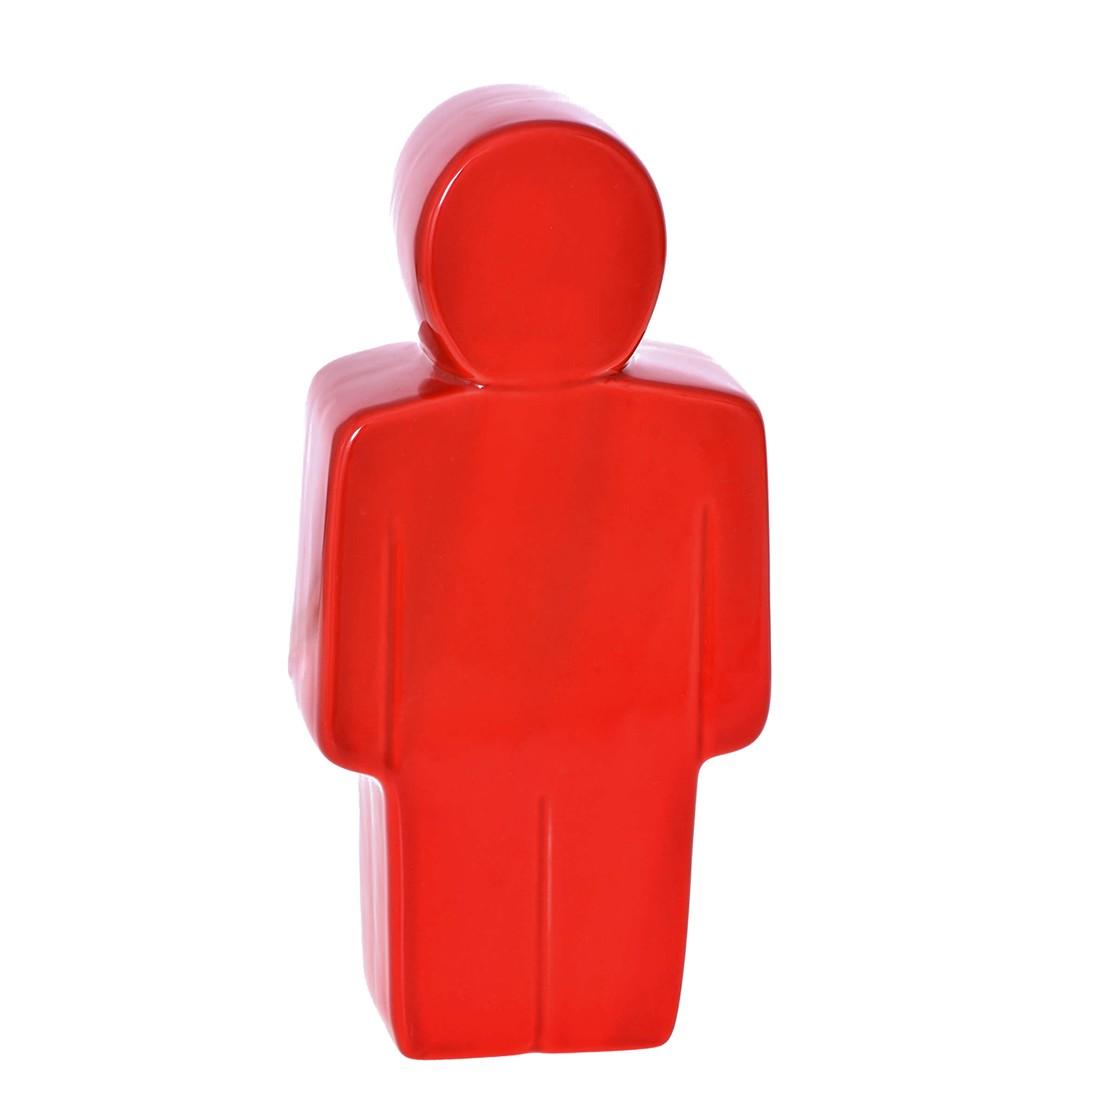 Enfeite Homem 23cm de Ceramica Vermelho 37645-009